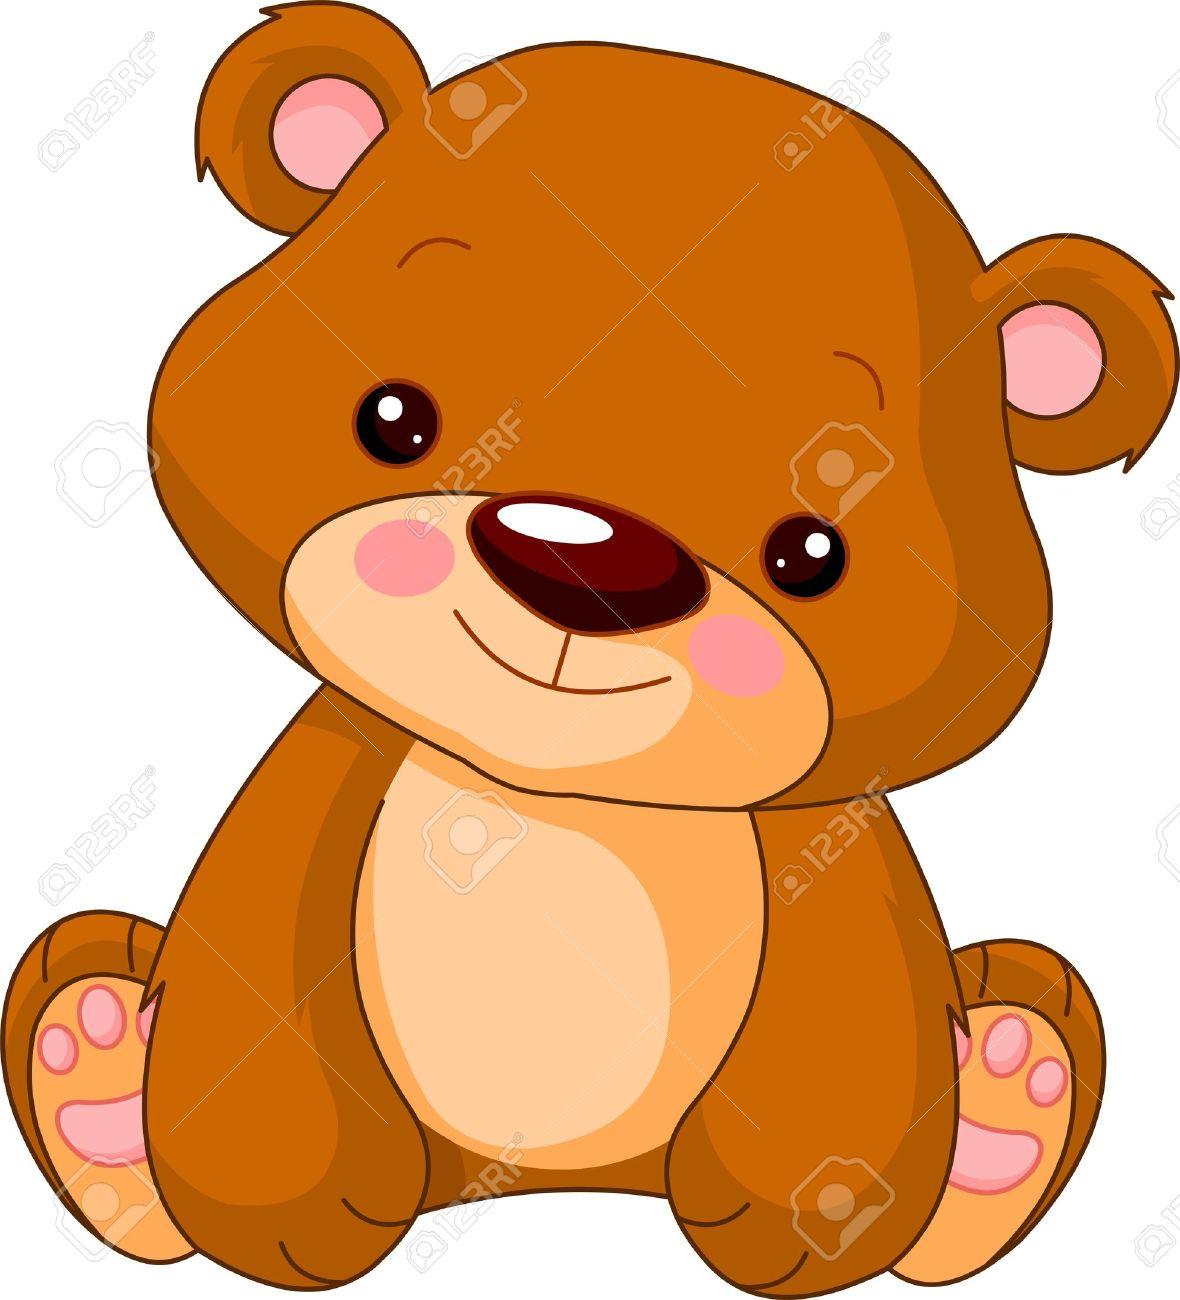 楽しい動物園 かわいいクマさんのイラストのイラスト素材 ベクタ Image